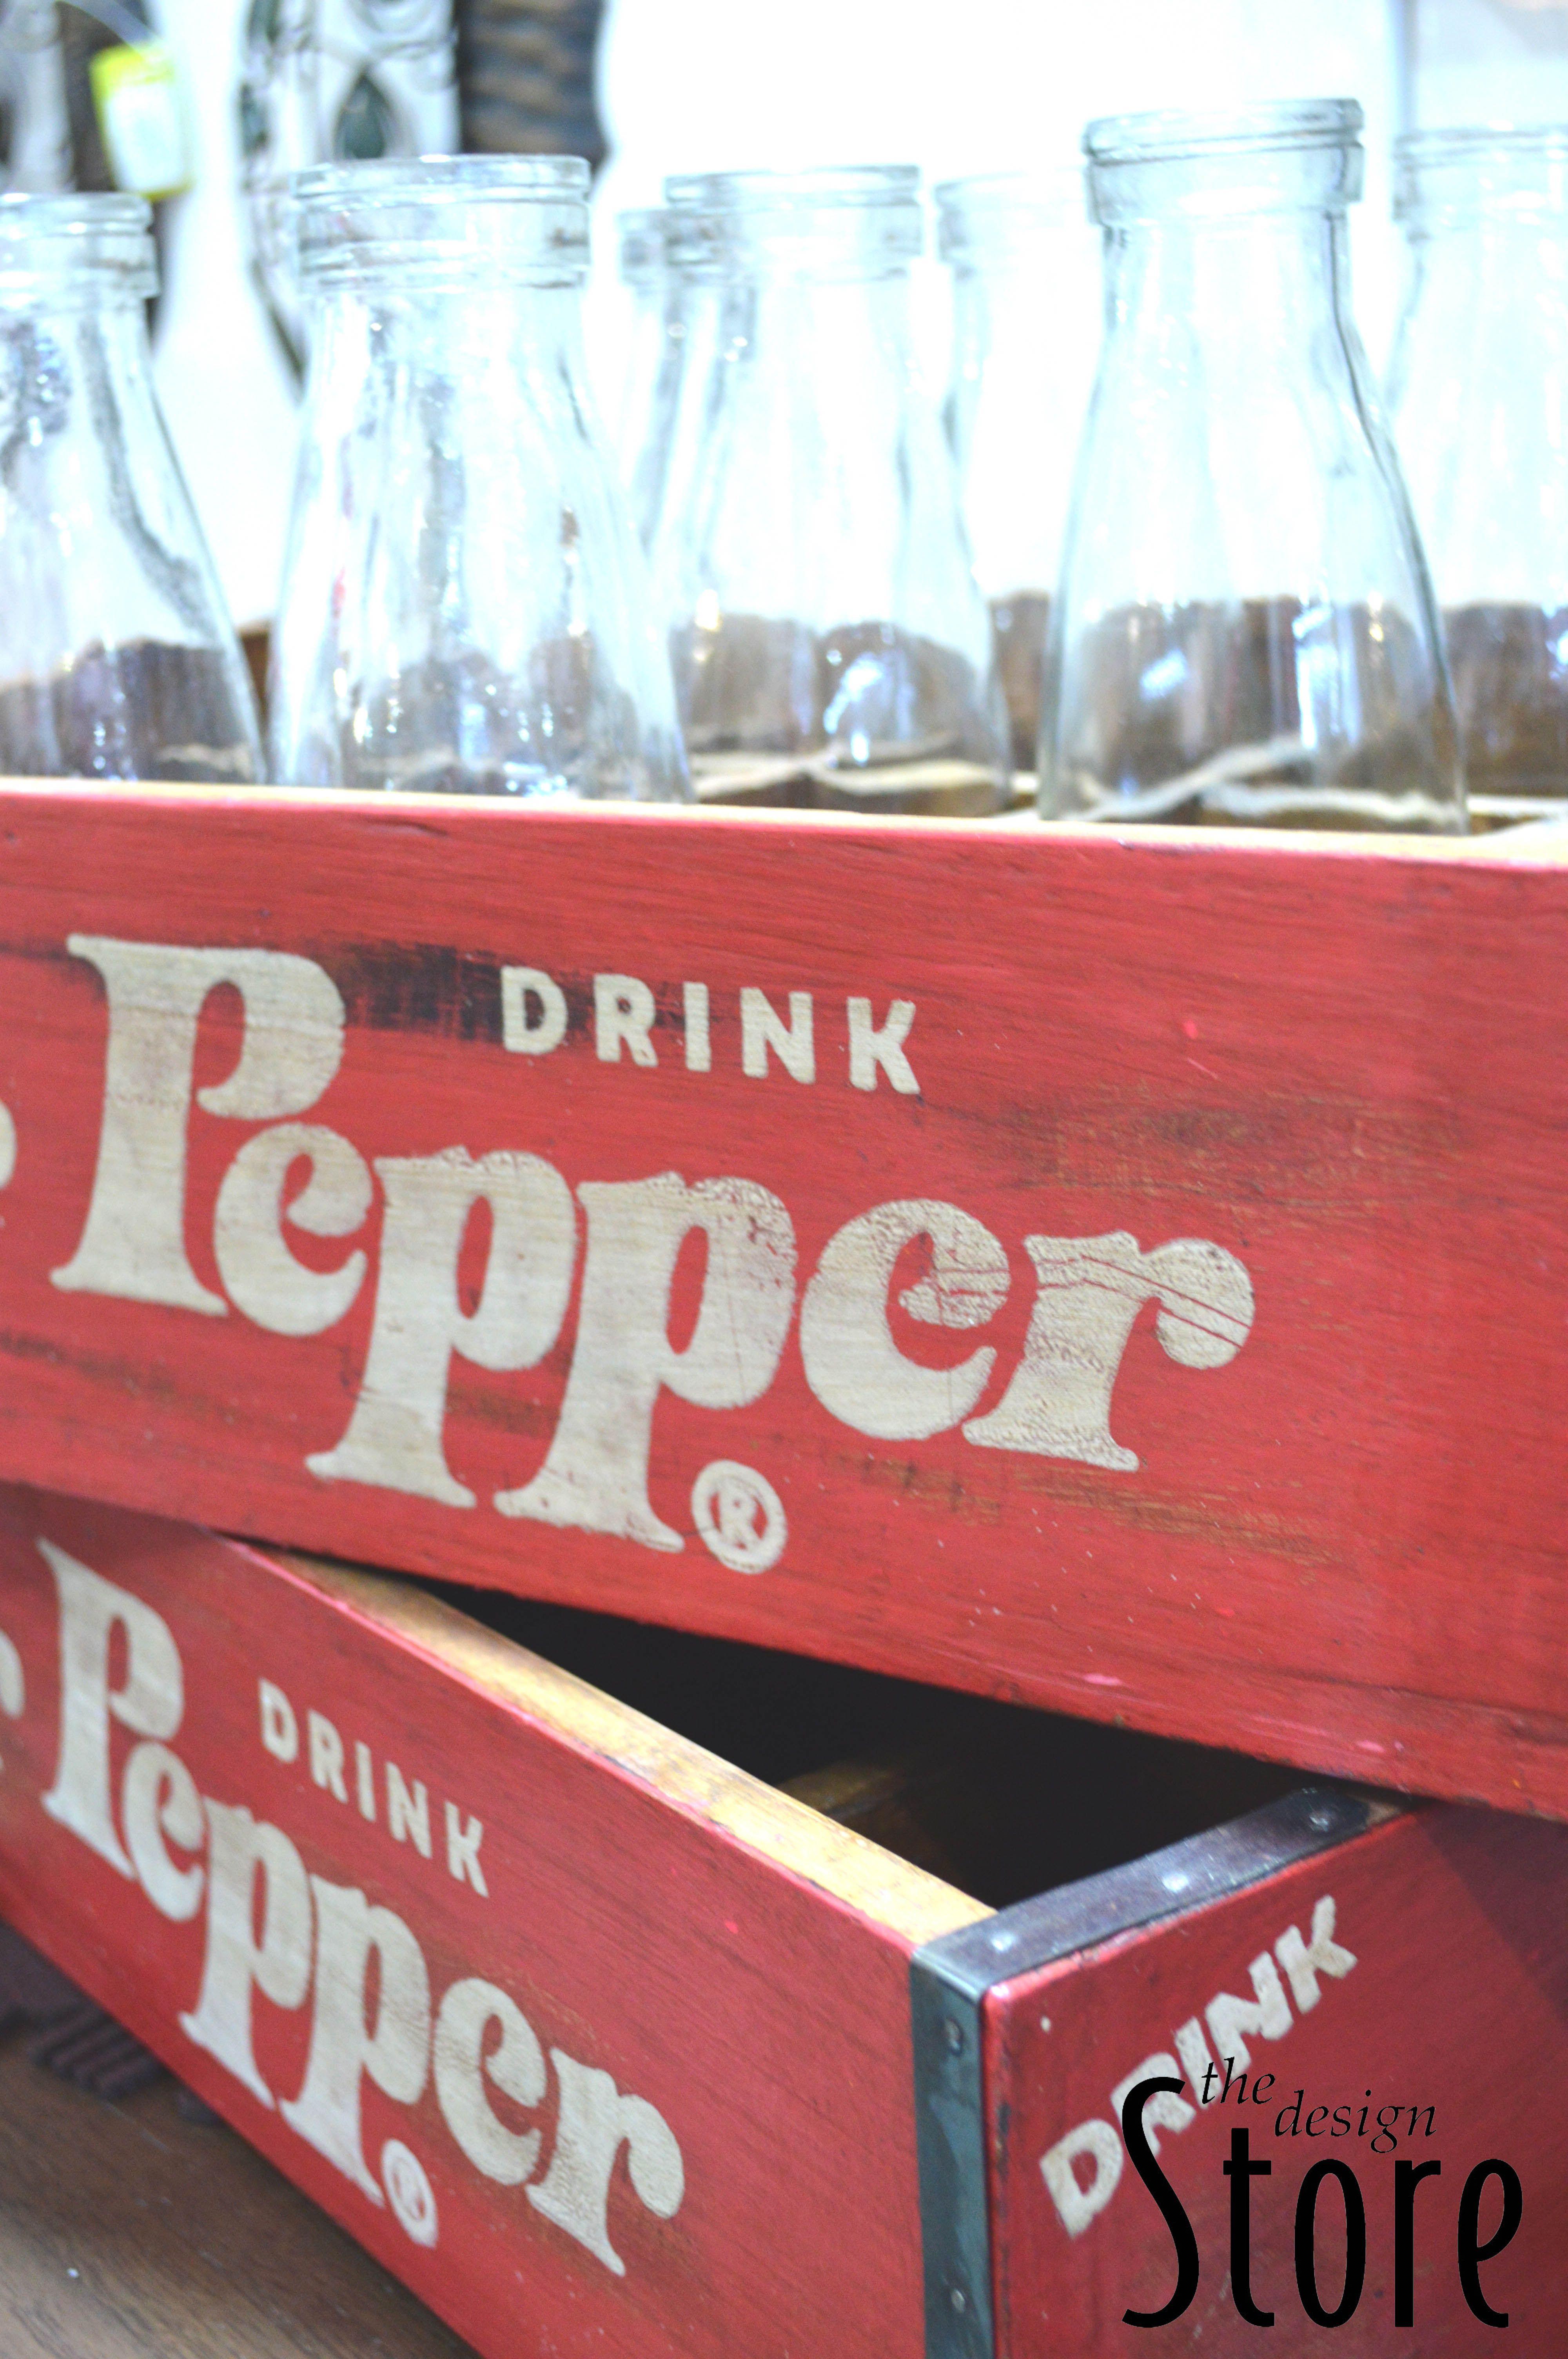 Retro Dr Pepper Crate Filled With Vintage Glass Bottles Old Glass Bottles Design Store Bottle